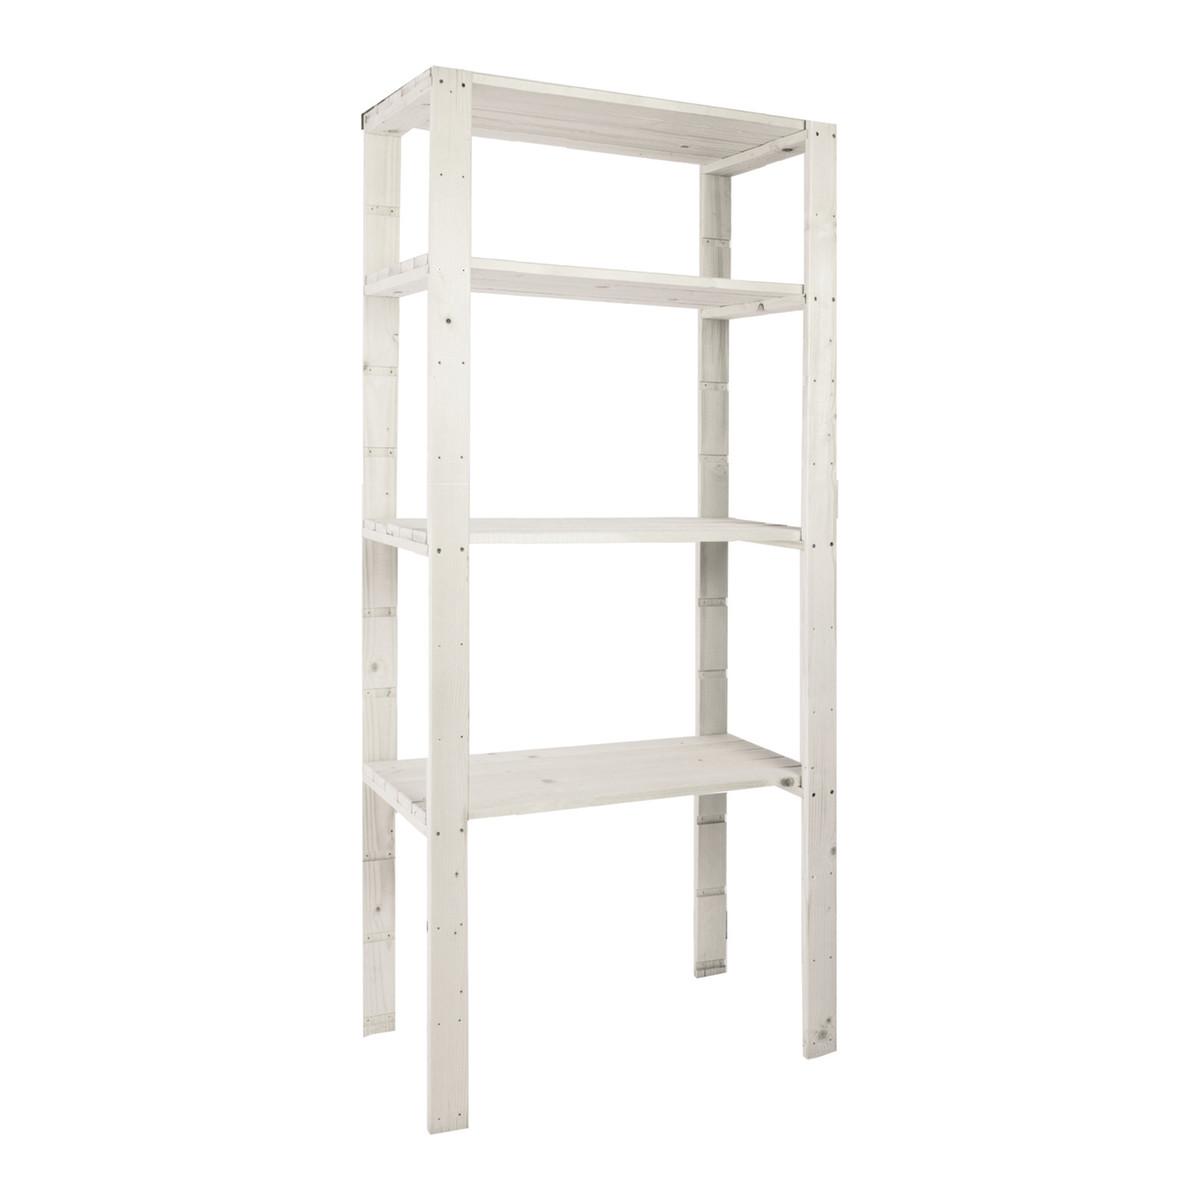 Scaffali In Plastica Ikea.Scaffali Chiusi Leroy Merlin